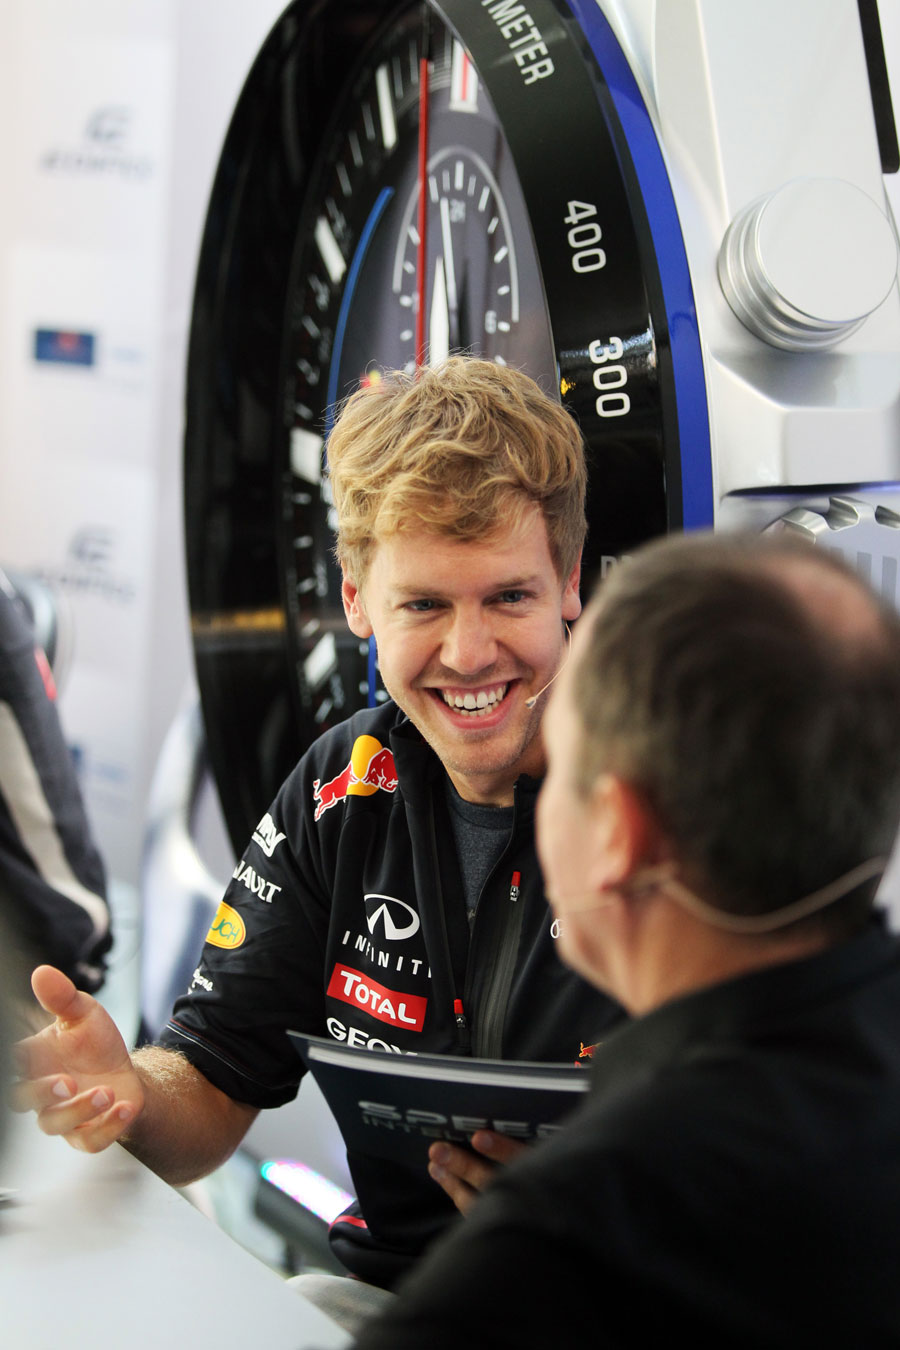 Sebastian Vettel laughs during a sponsors' quiz in the paddock on Thursday